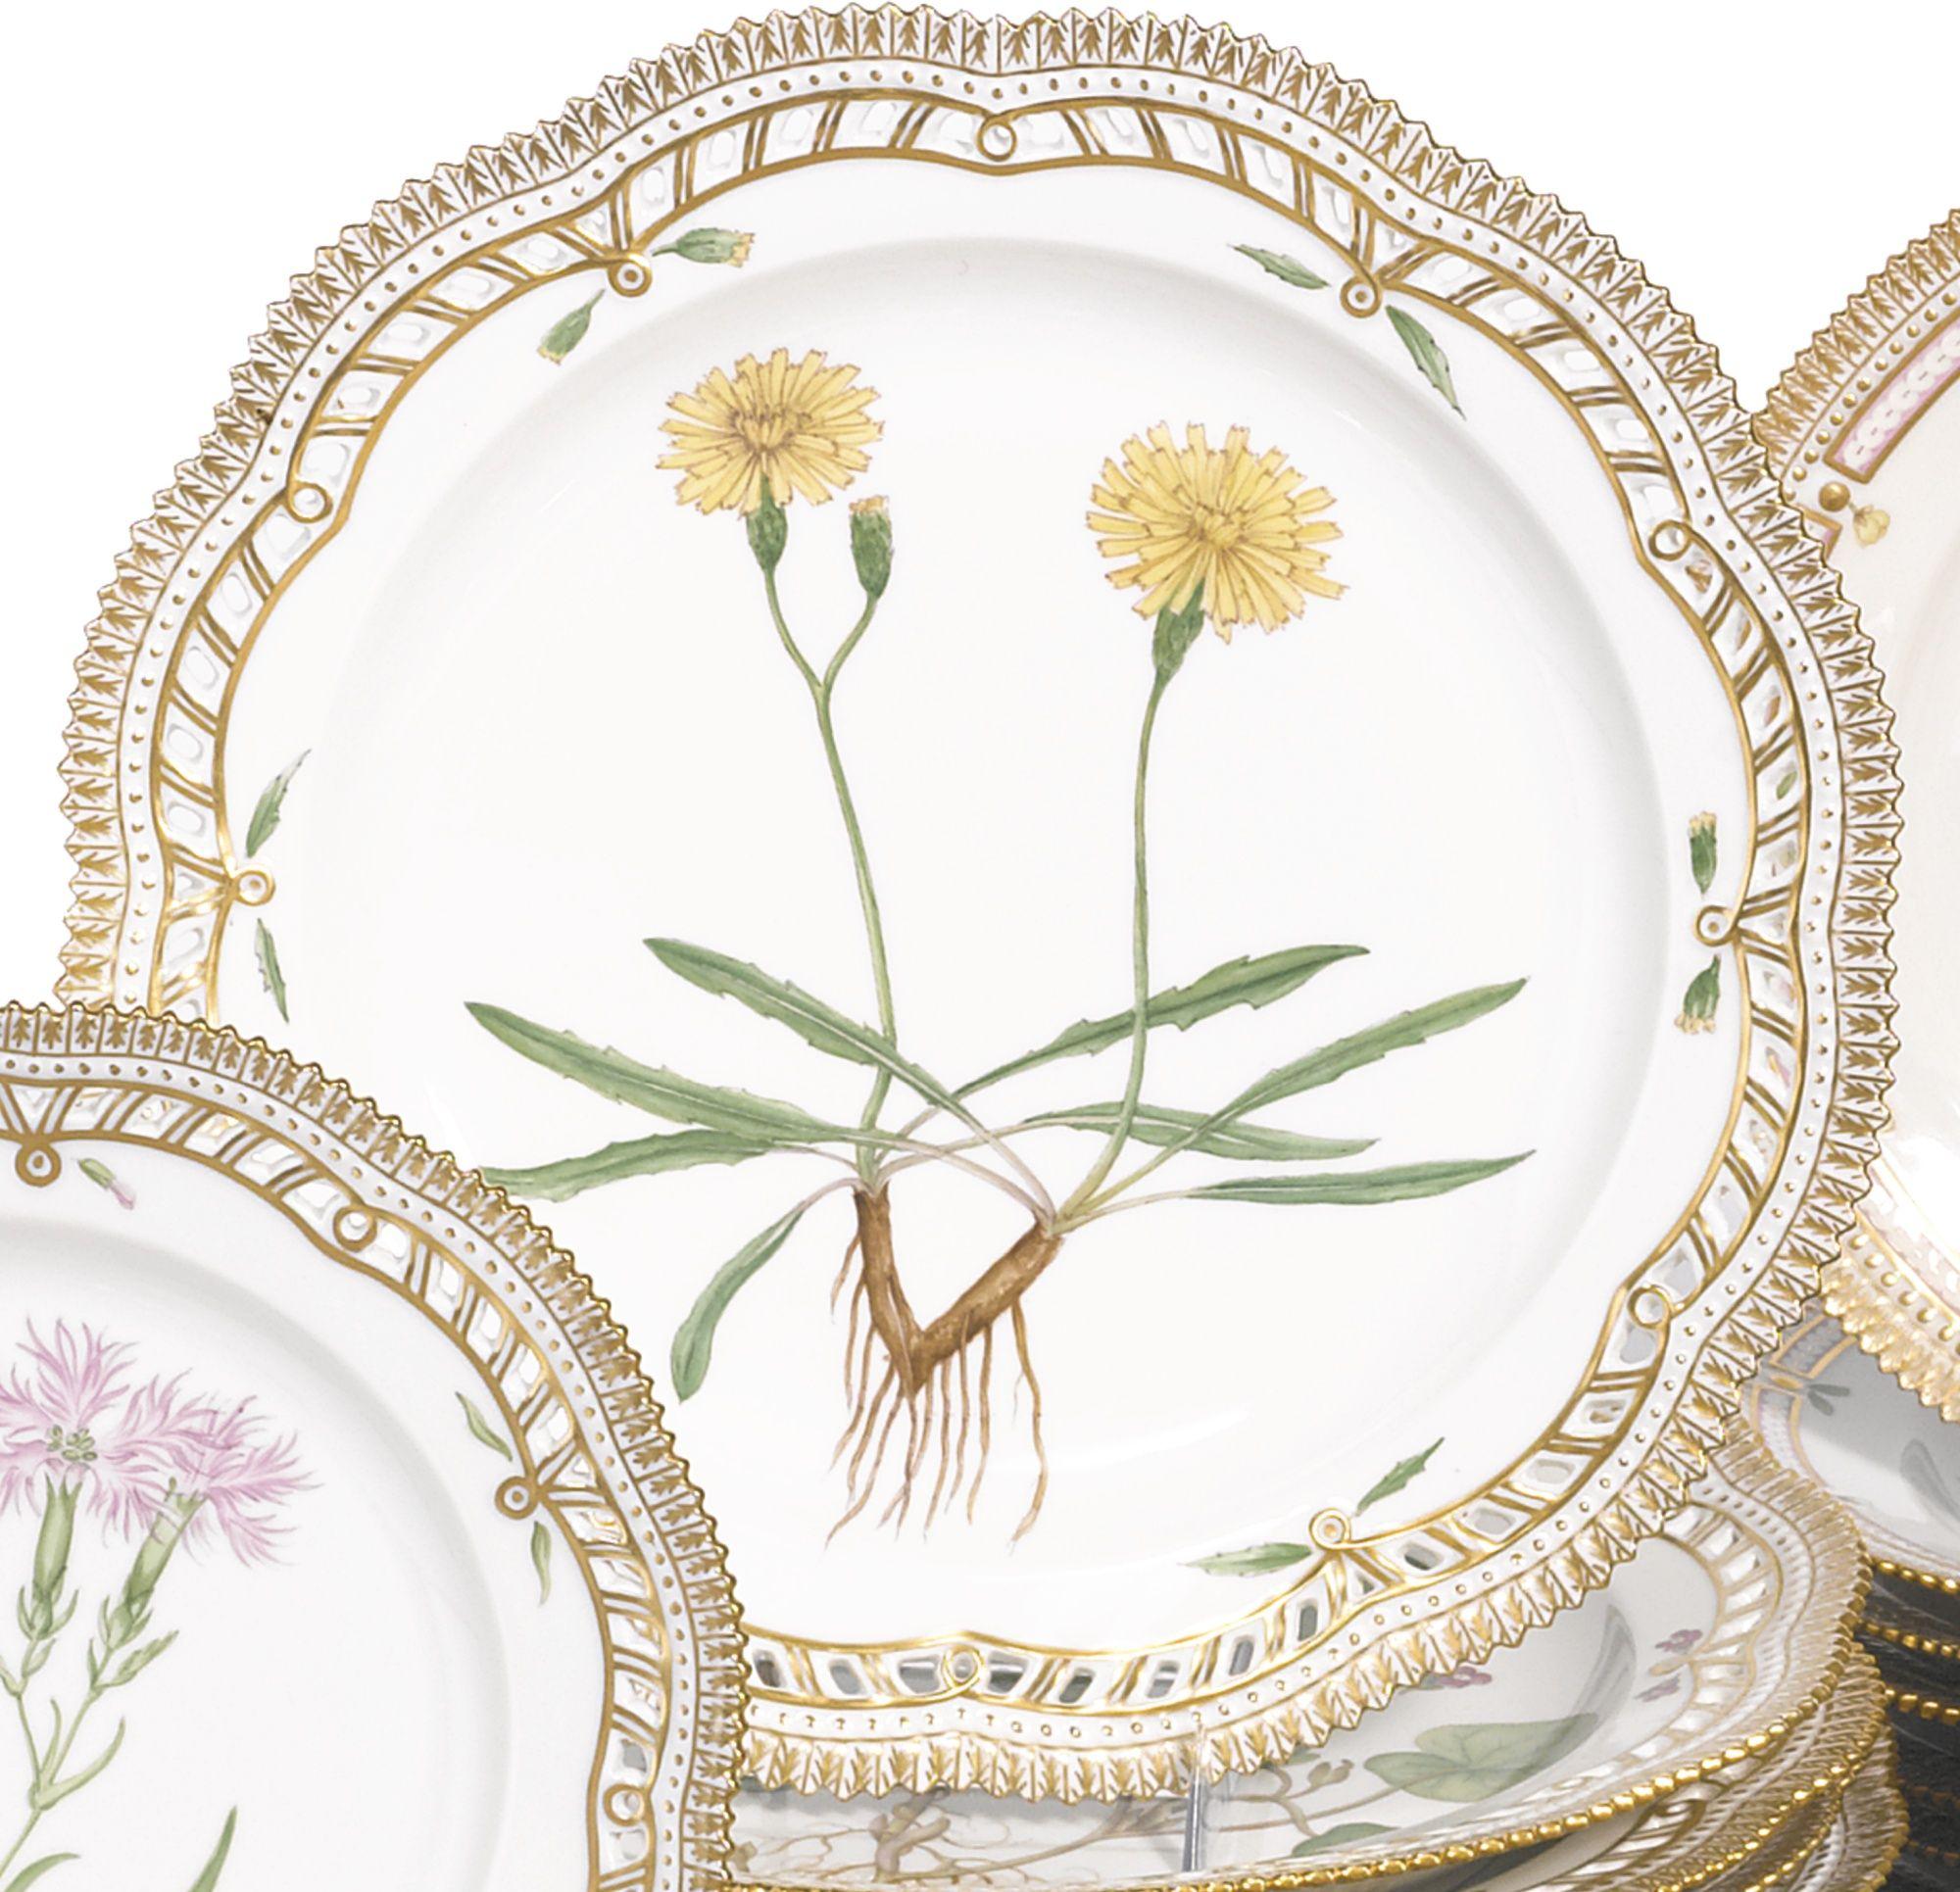 A SET OF FOURTEEN ROYAL COPENHAGEN 'FLORA DANICA' RETICULATED LARGE DINNER PLATES MODERN